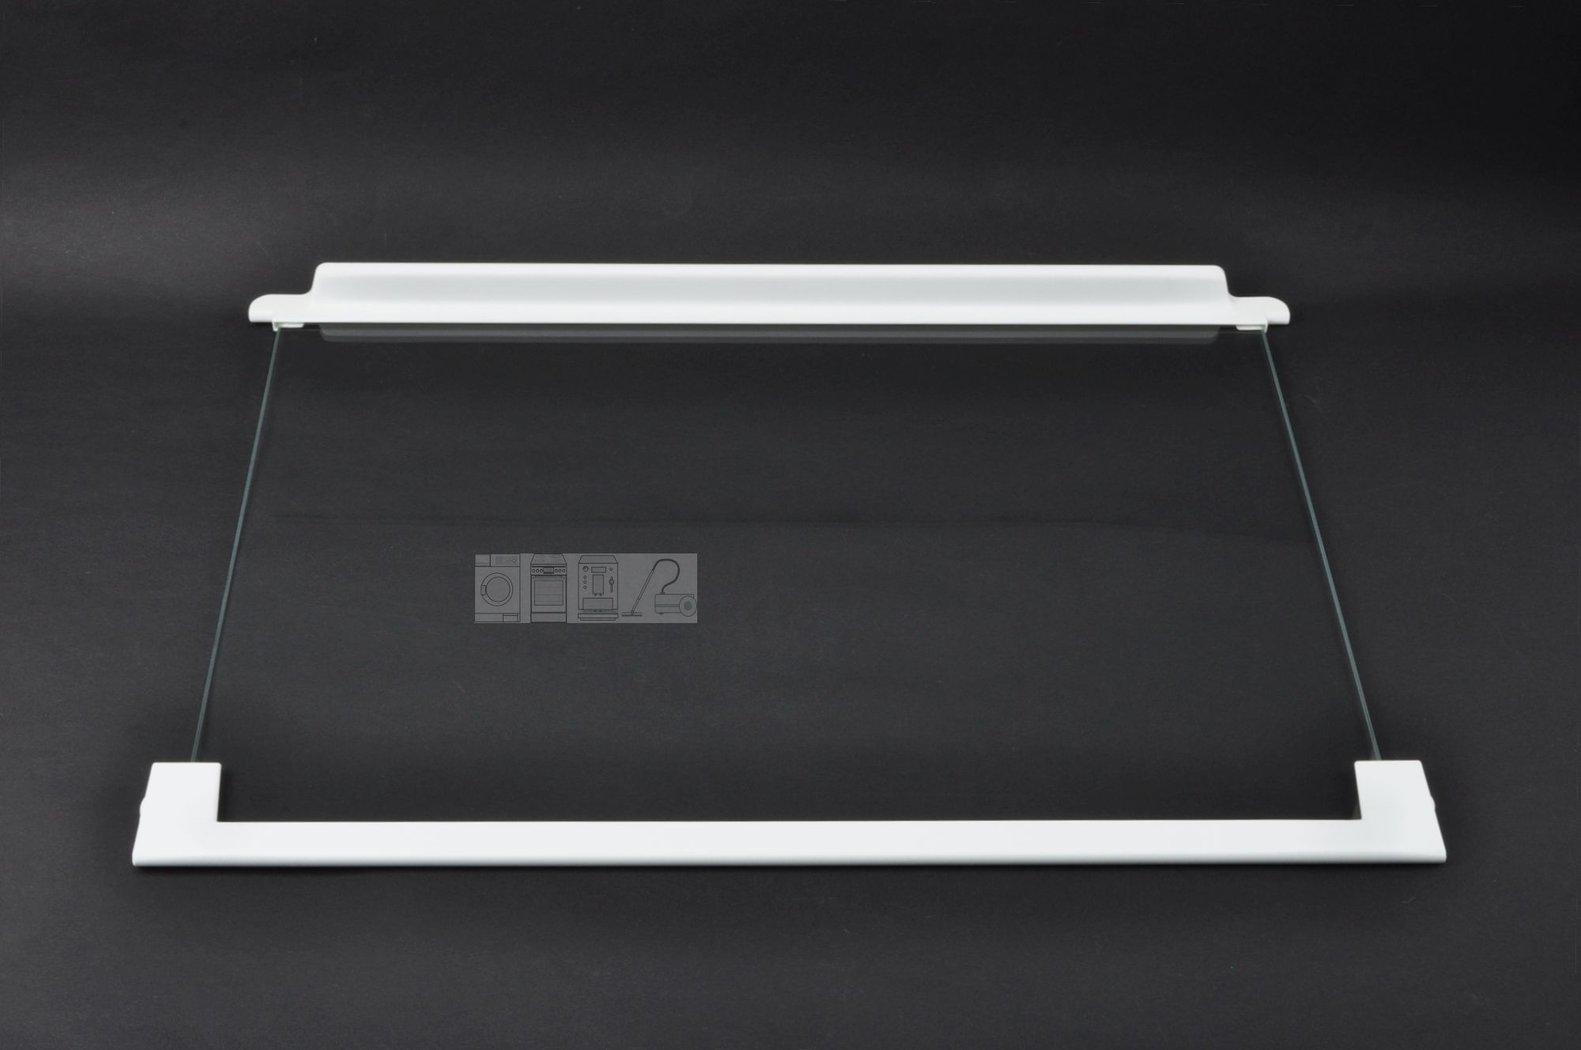 Kühlschrank Glasplatte : Aeg glasplatte kühlschrank ablage mm einlege boden fach